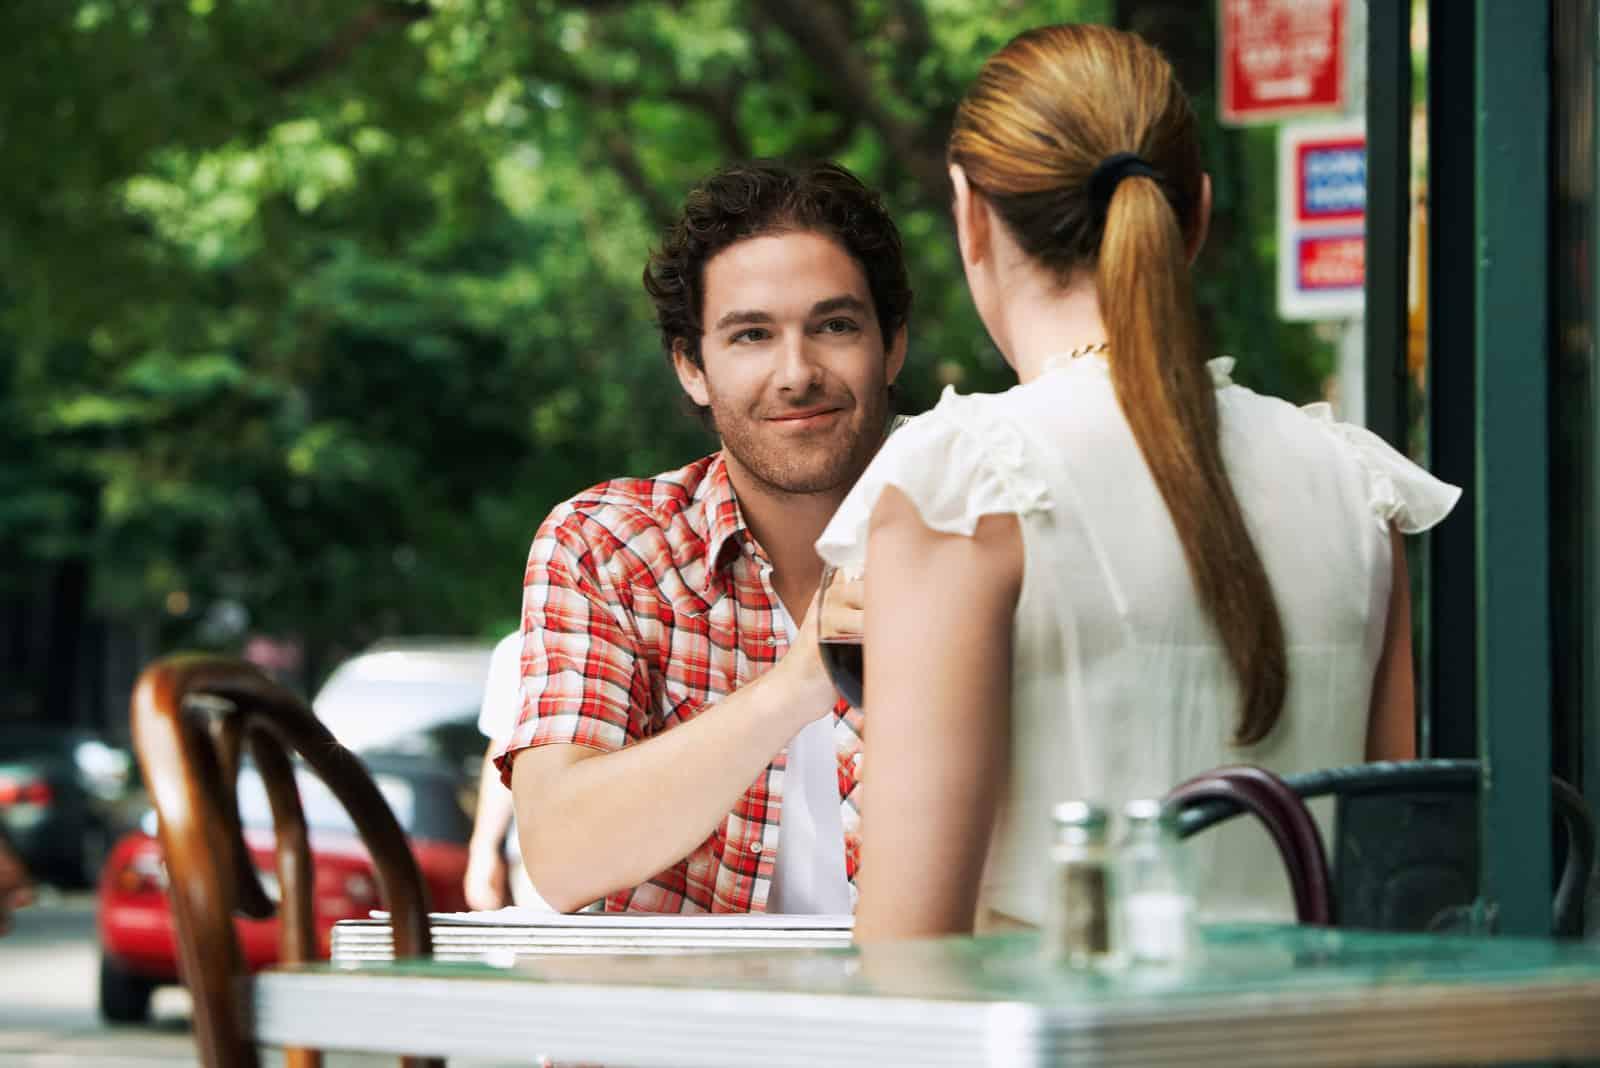 Paar sitzt am Bürgersteig Cafe